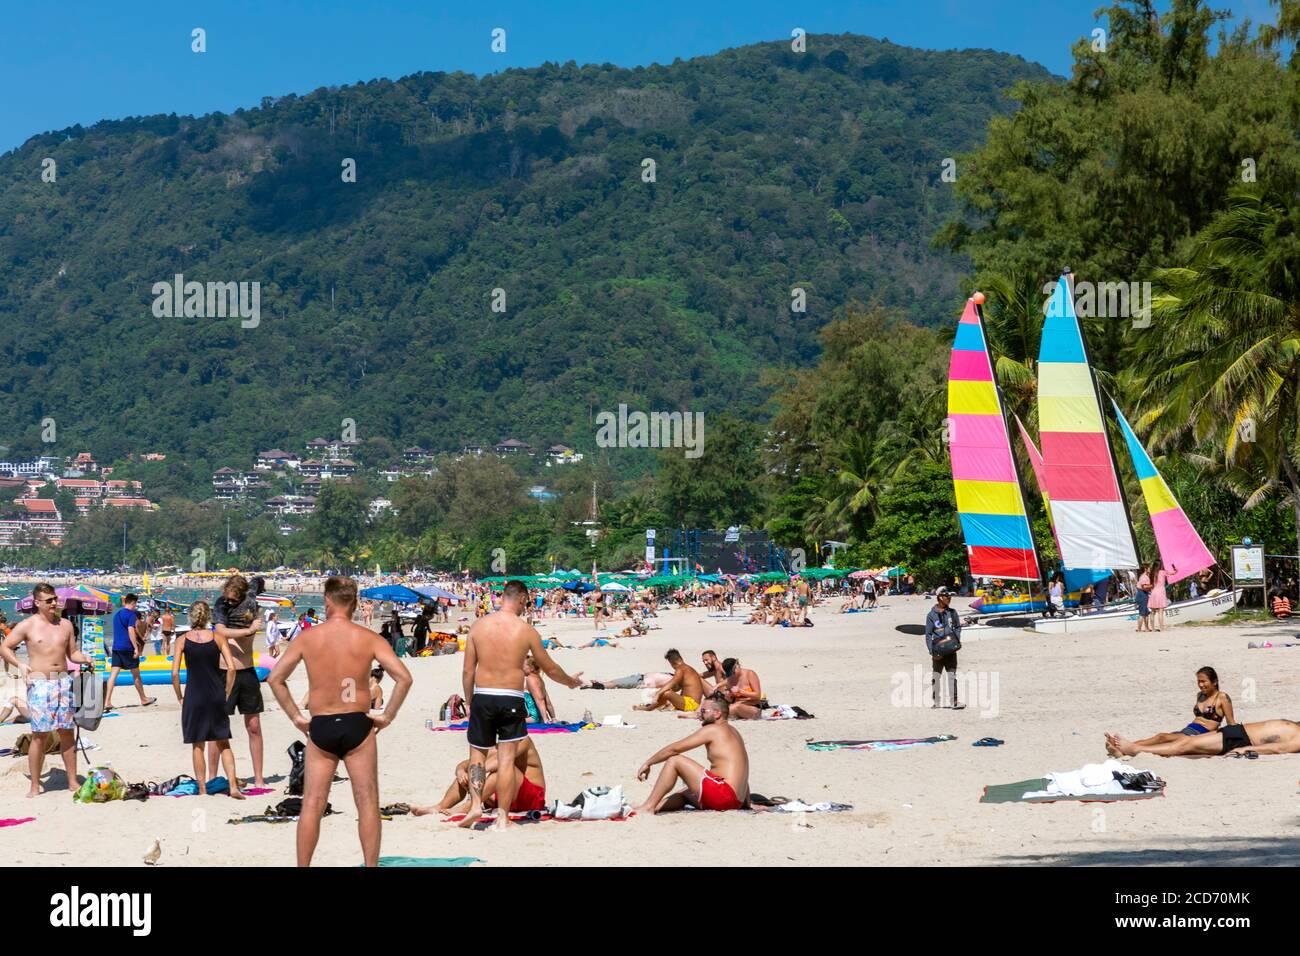 Touristes sur la plage à Patong, Phuket, Thaïlande Banque D'Images